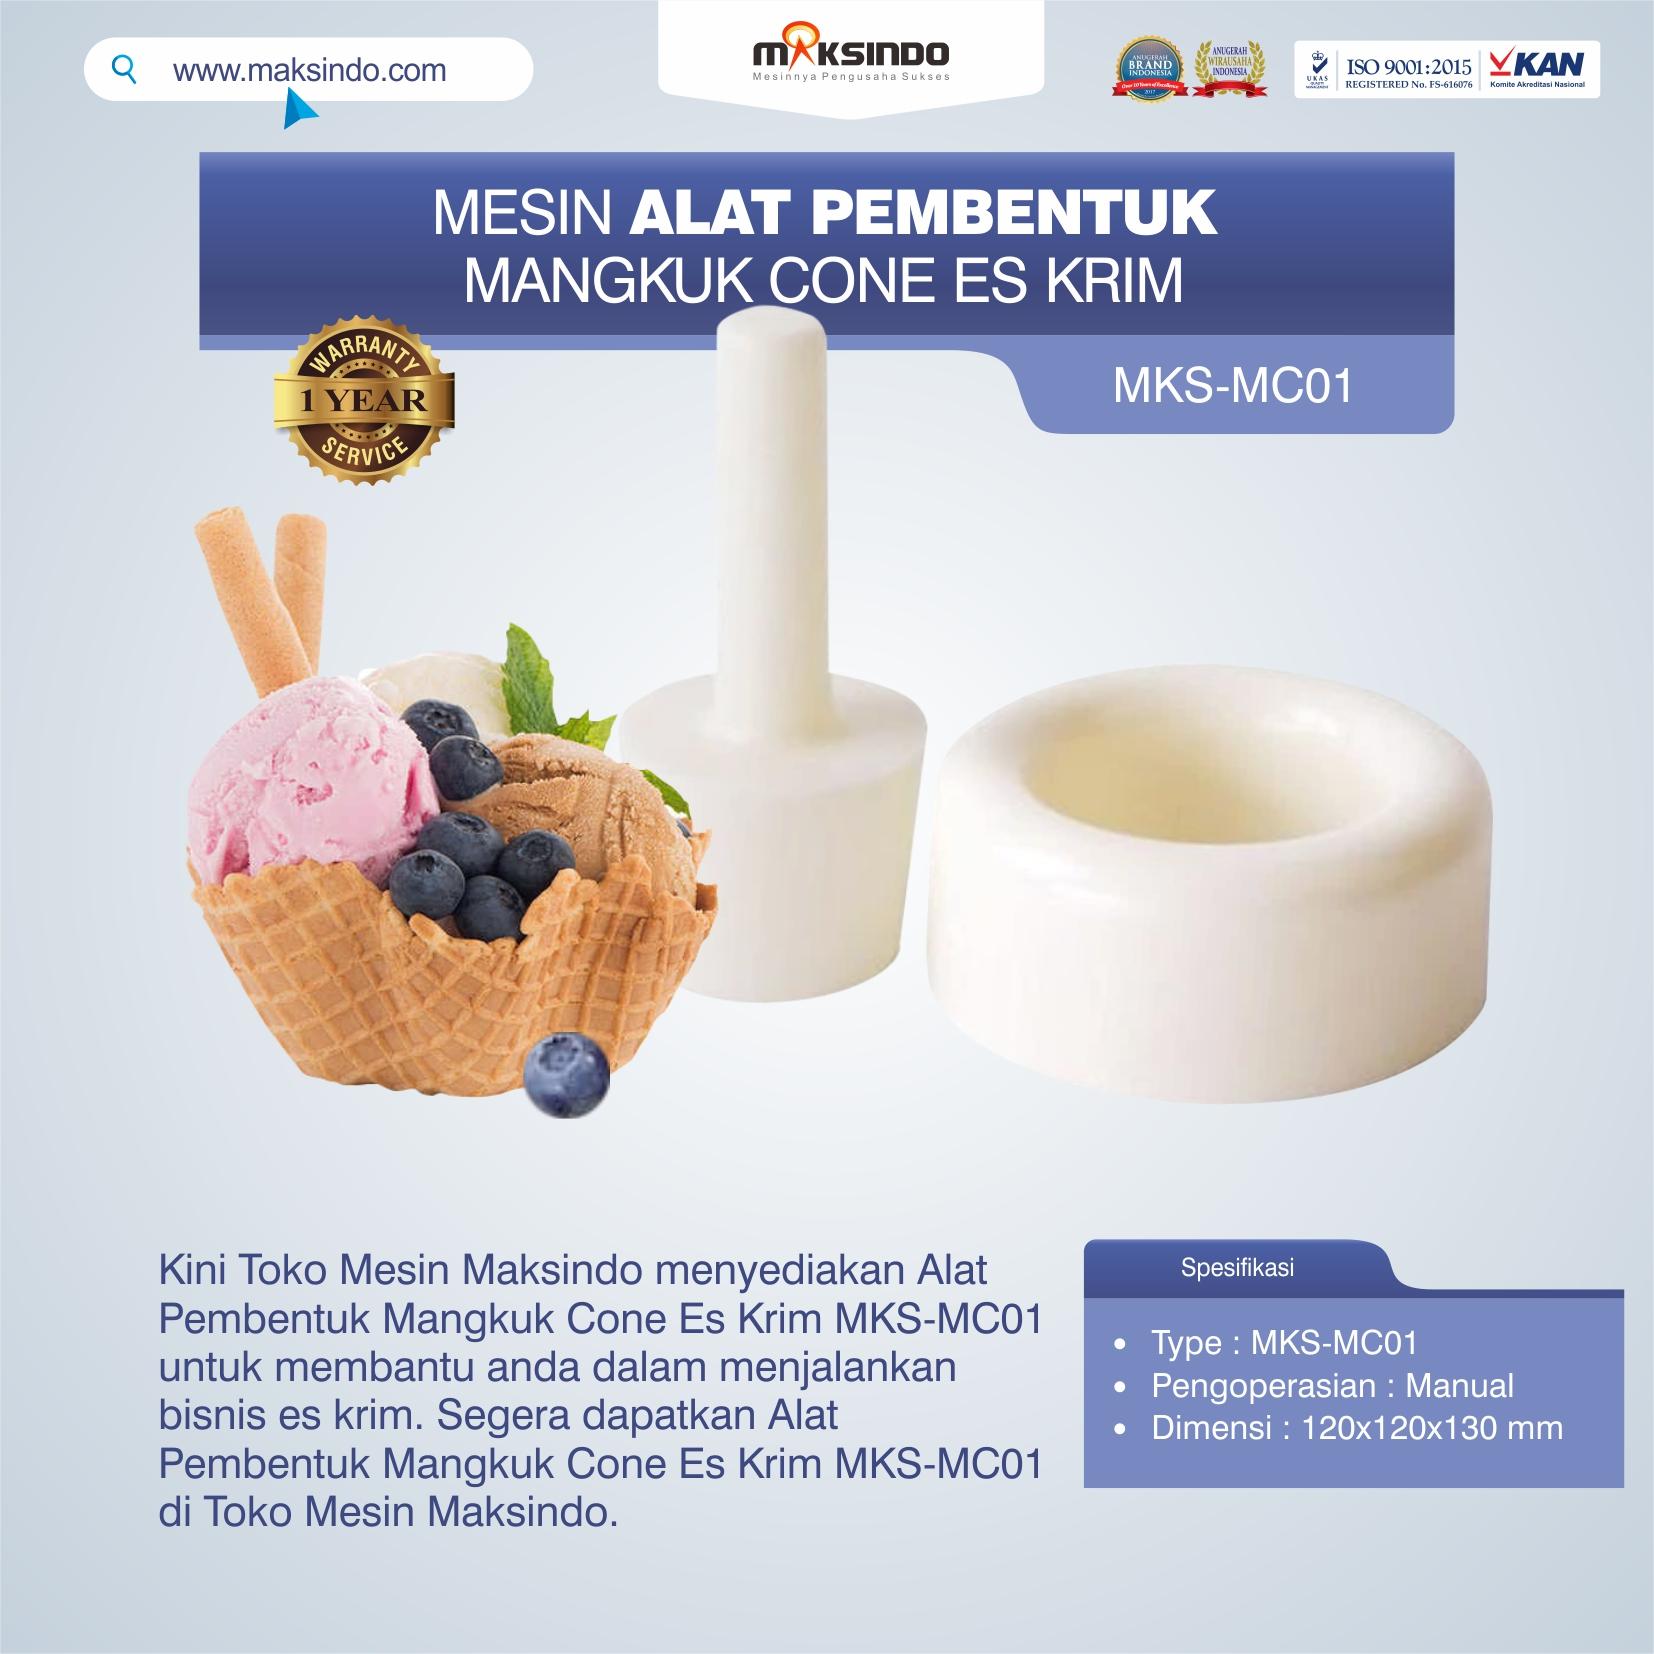 Jual Alat Pembentuk Mangkuk Cone Es Krim MKS-MC01 di Semarang